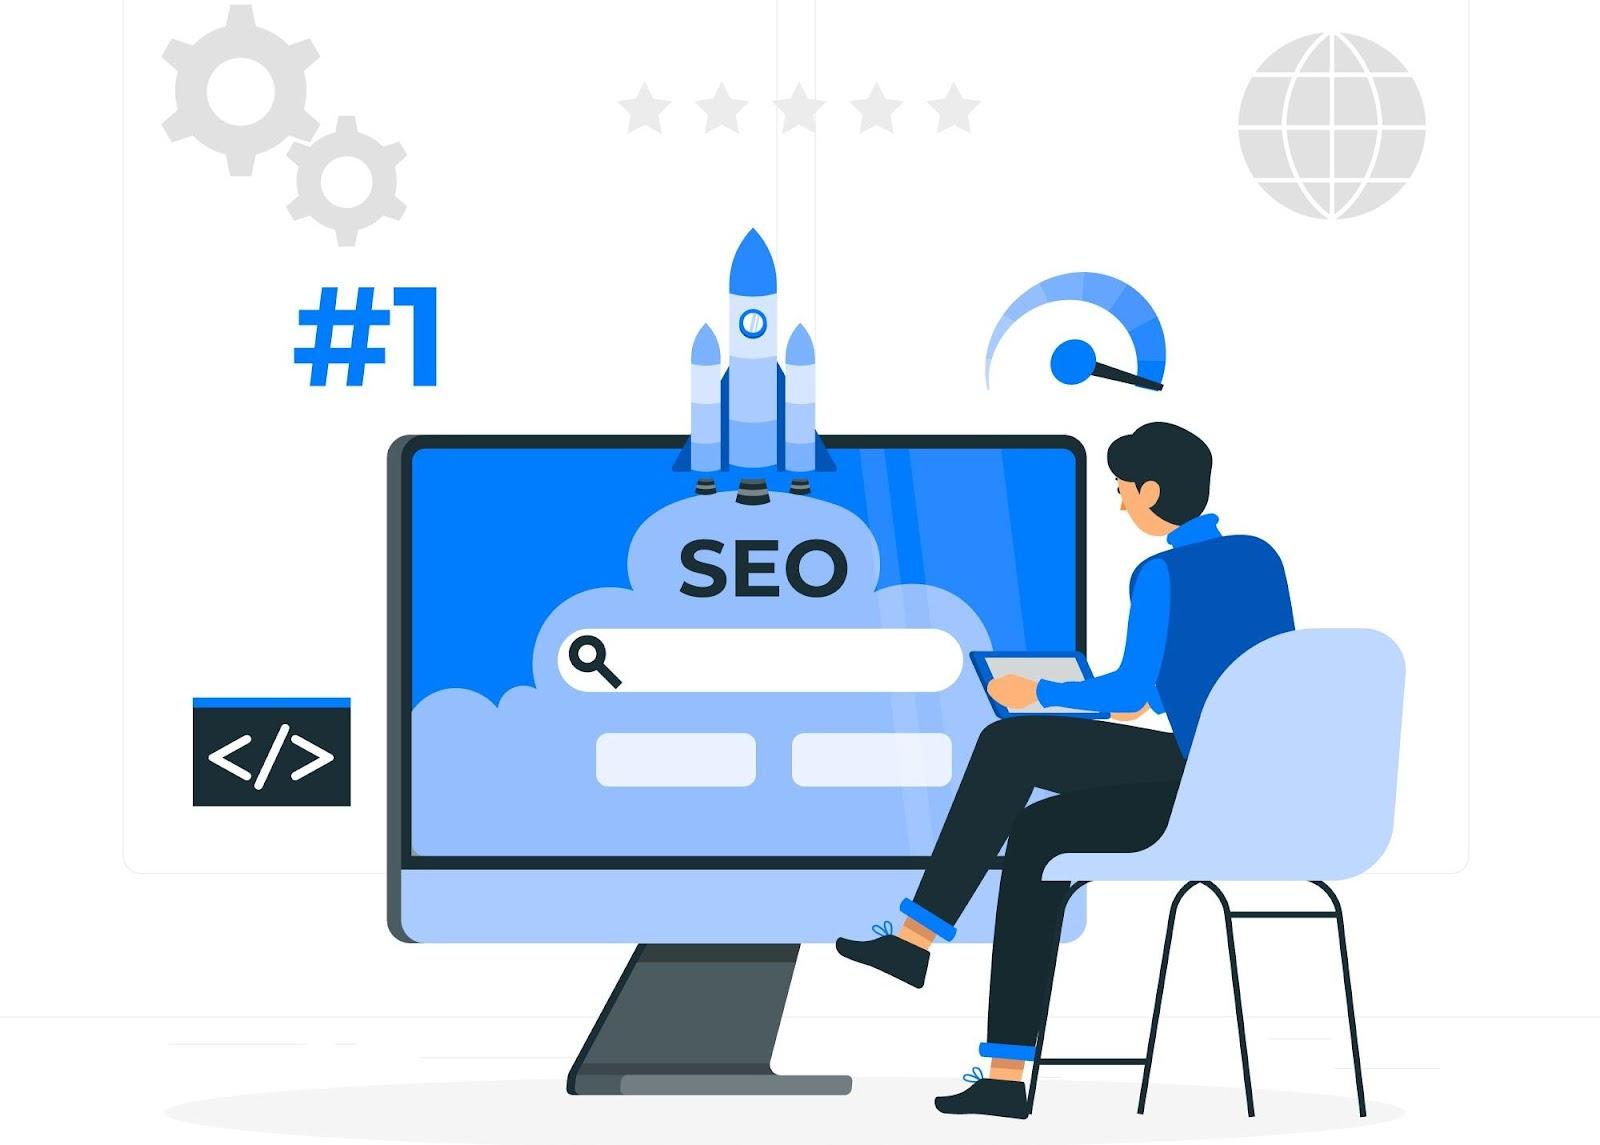 Hiểu về Google SEO giúp tăng thứ hạng tìm kiếm